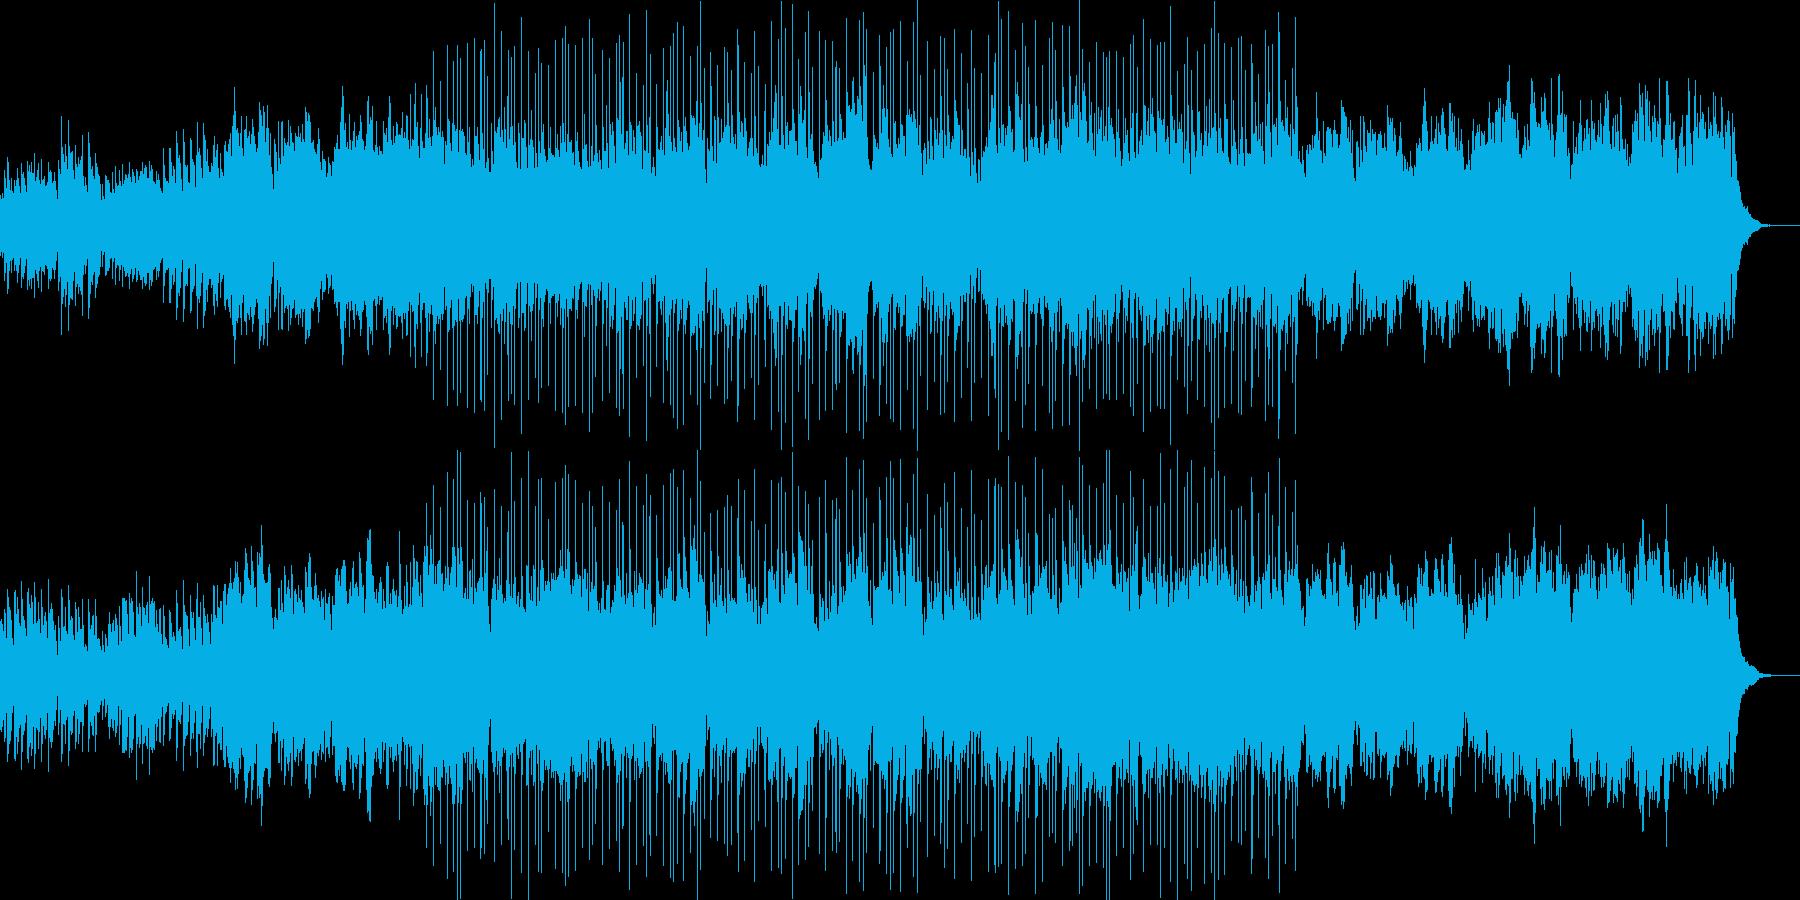 ピアノとフルート中心のバラード風な曲の再生済みの波形